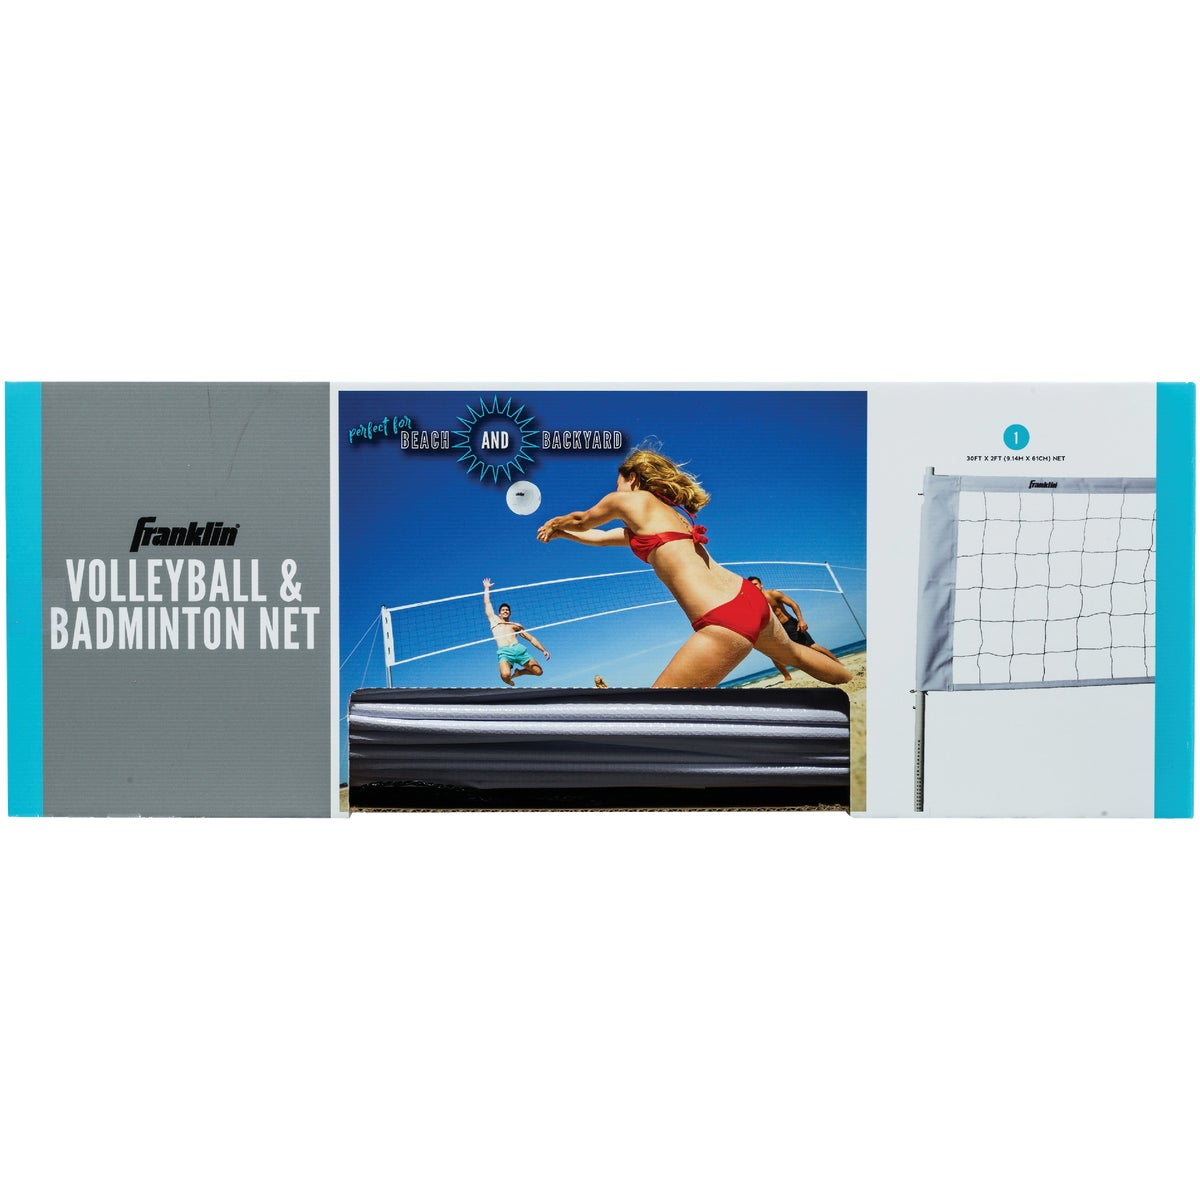 Halex Volleyball Net - Official Size